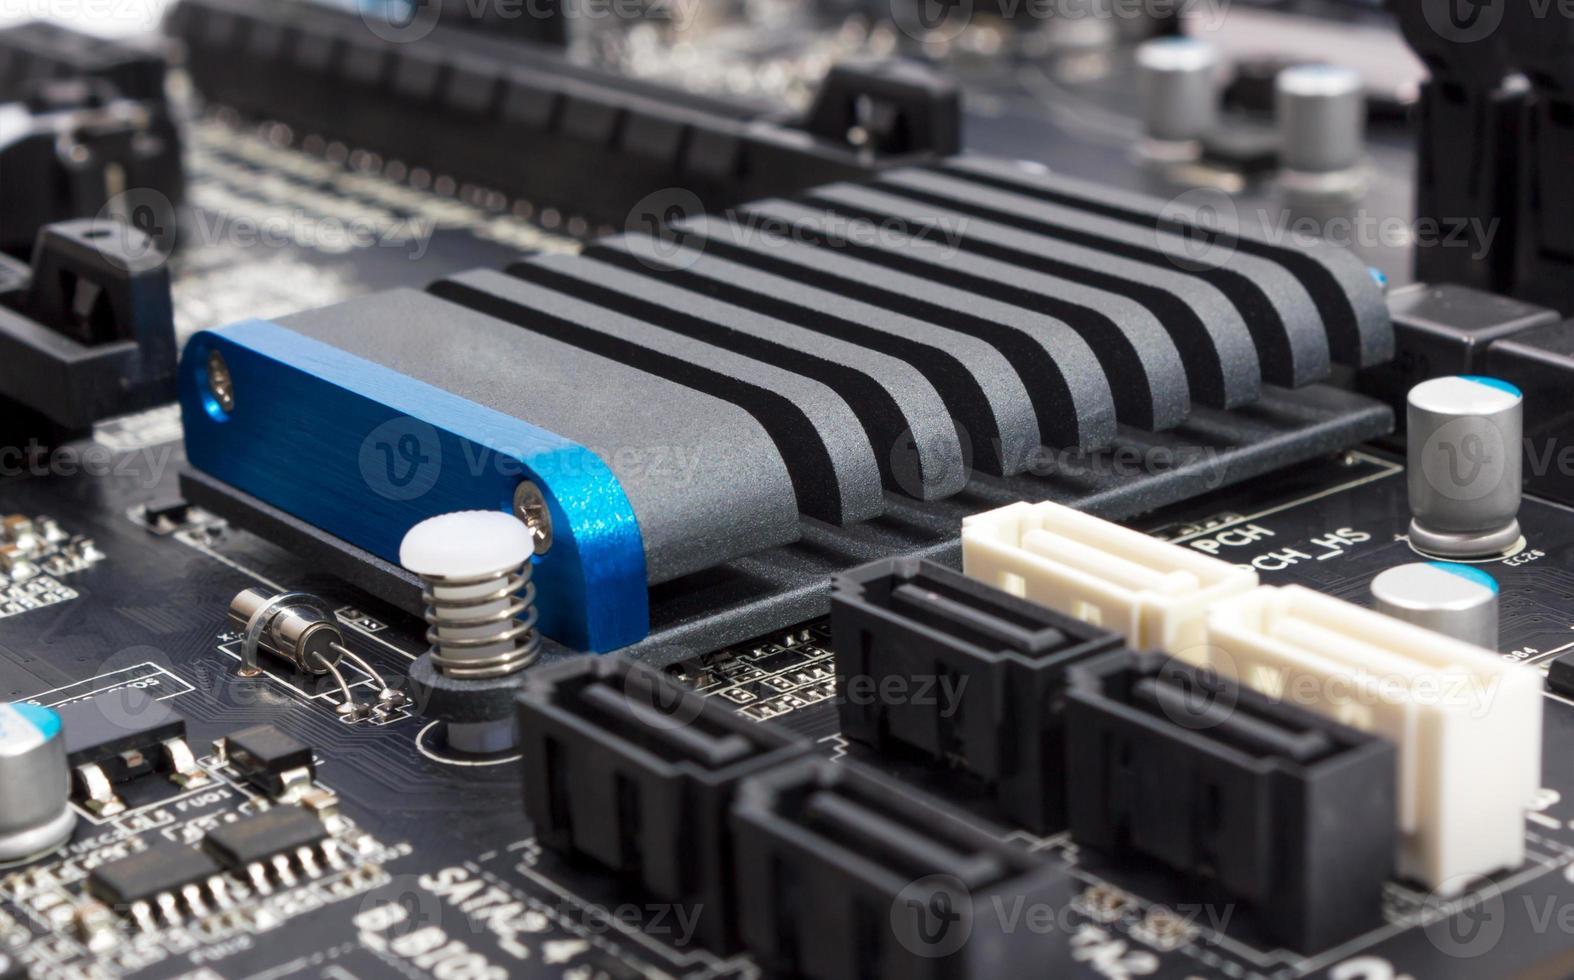 elektronische Sammlung - digitale Komponenten auf Computer-Mainboard foto